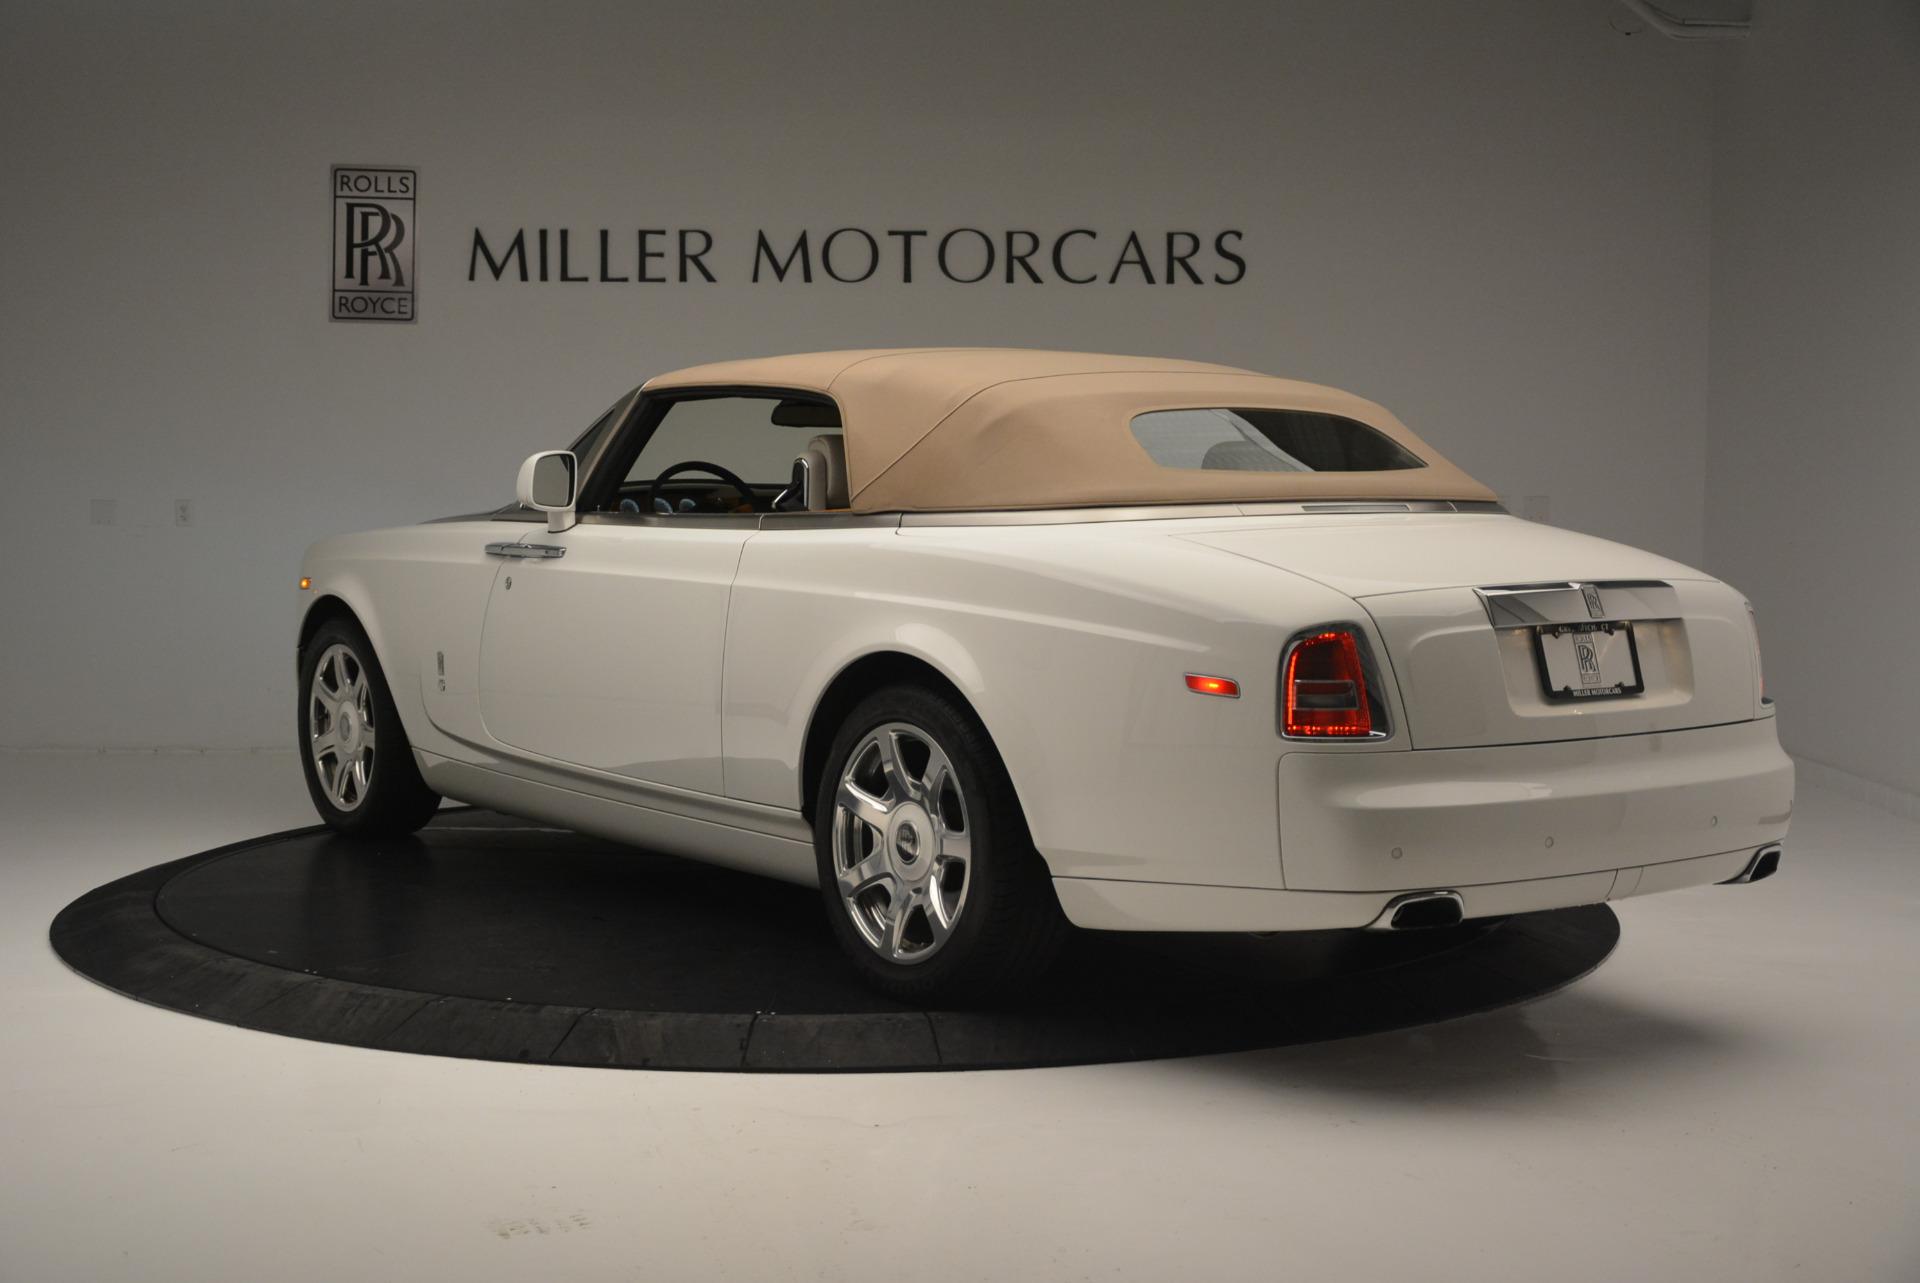 Used 2013 Rolls-Royce Phantom Drophead Coupe  For Sale In Westport, CT 2444_p11